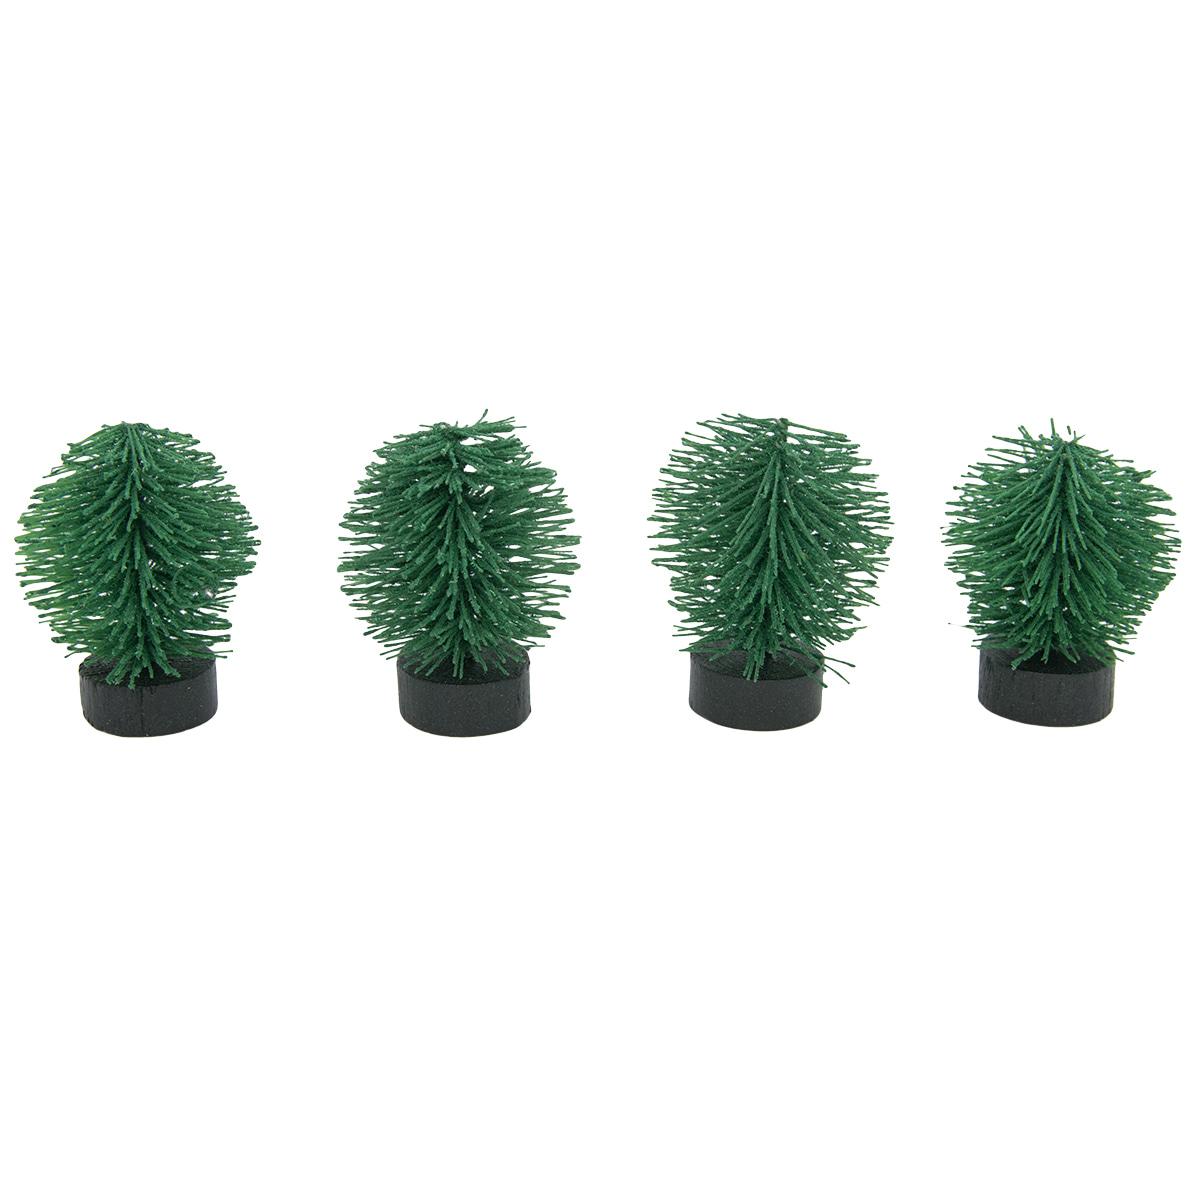 DGDT-5 Миниатюра. Деревце, 5см, 4шт/упак, цв.G-зеленый